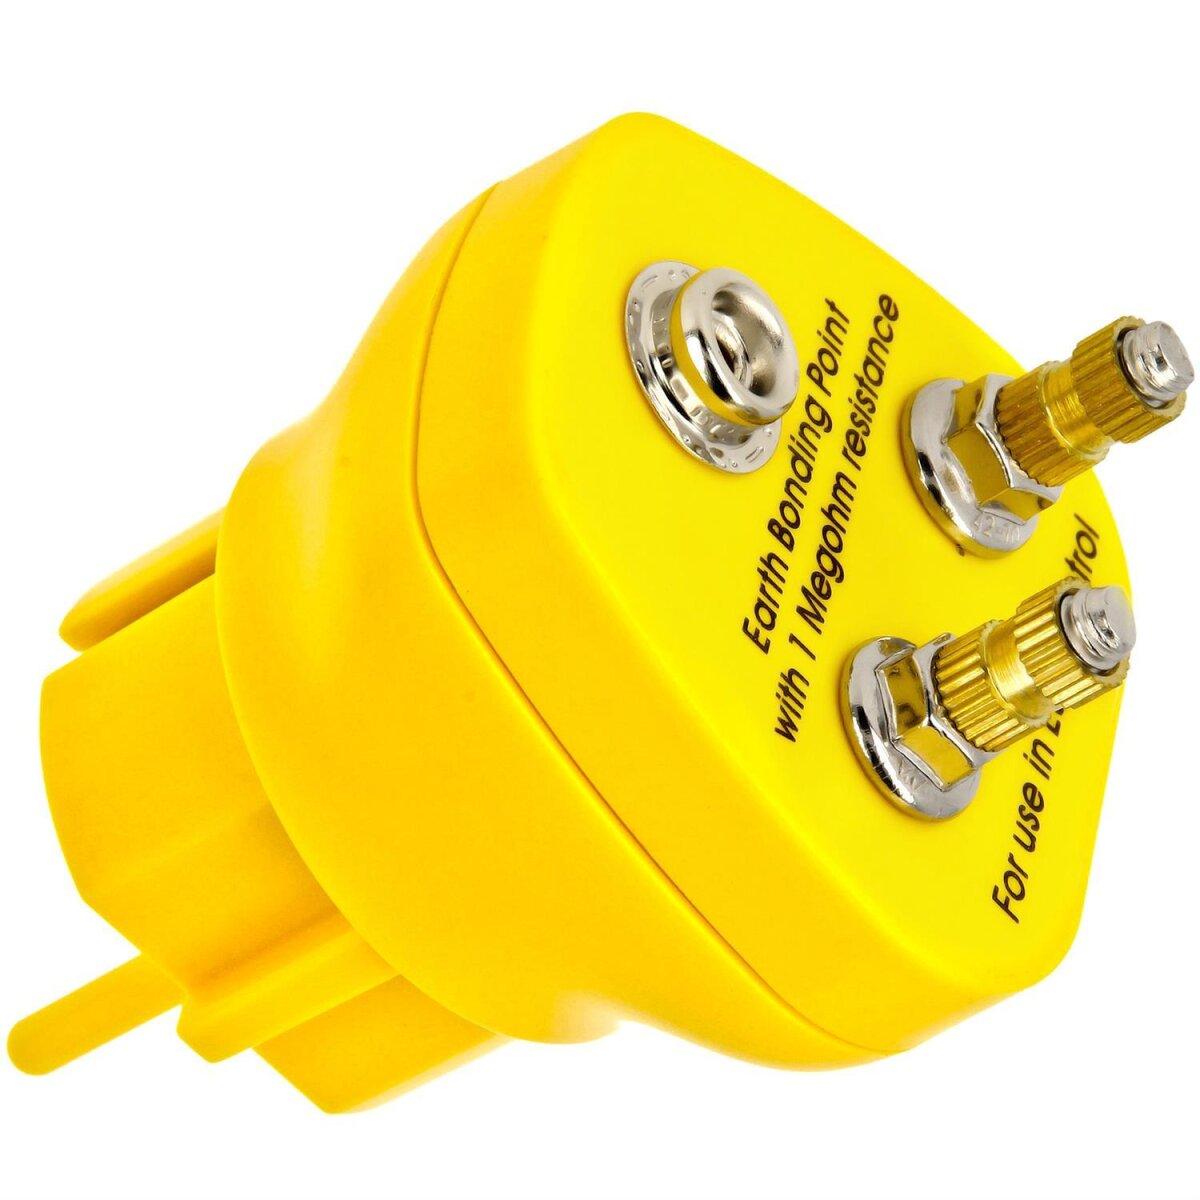 Minadax® Erdungsbaustein - Innovativer ESD-Schutz - Antistatik-Erdungsstecker - 2 x M5 Ösenanschluss - 1 Megaohm Sicherheitswiderstand